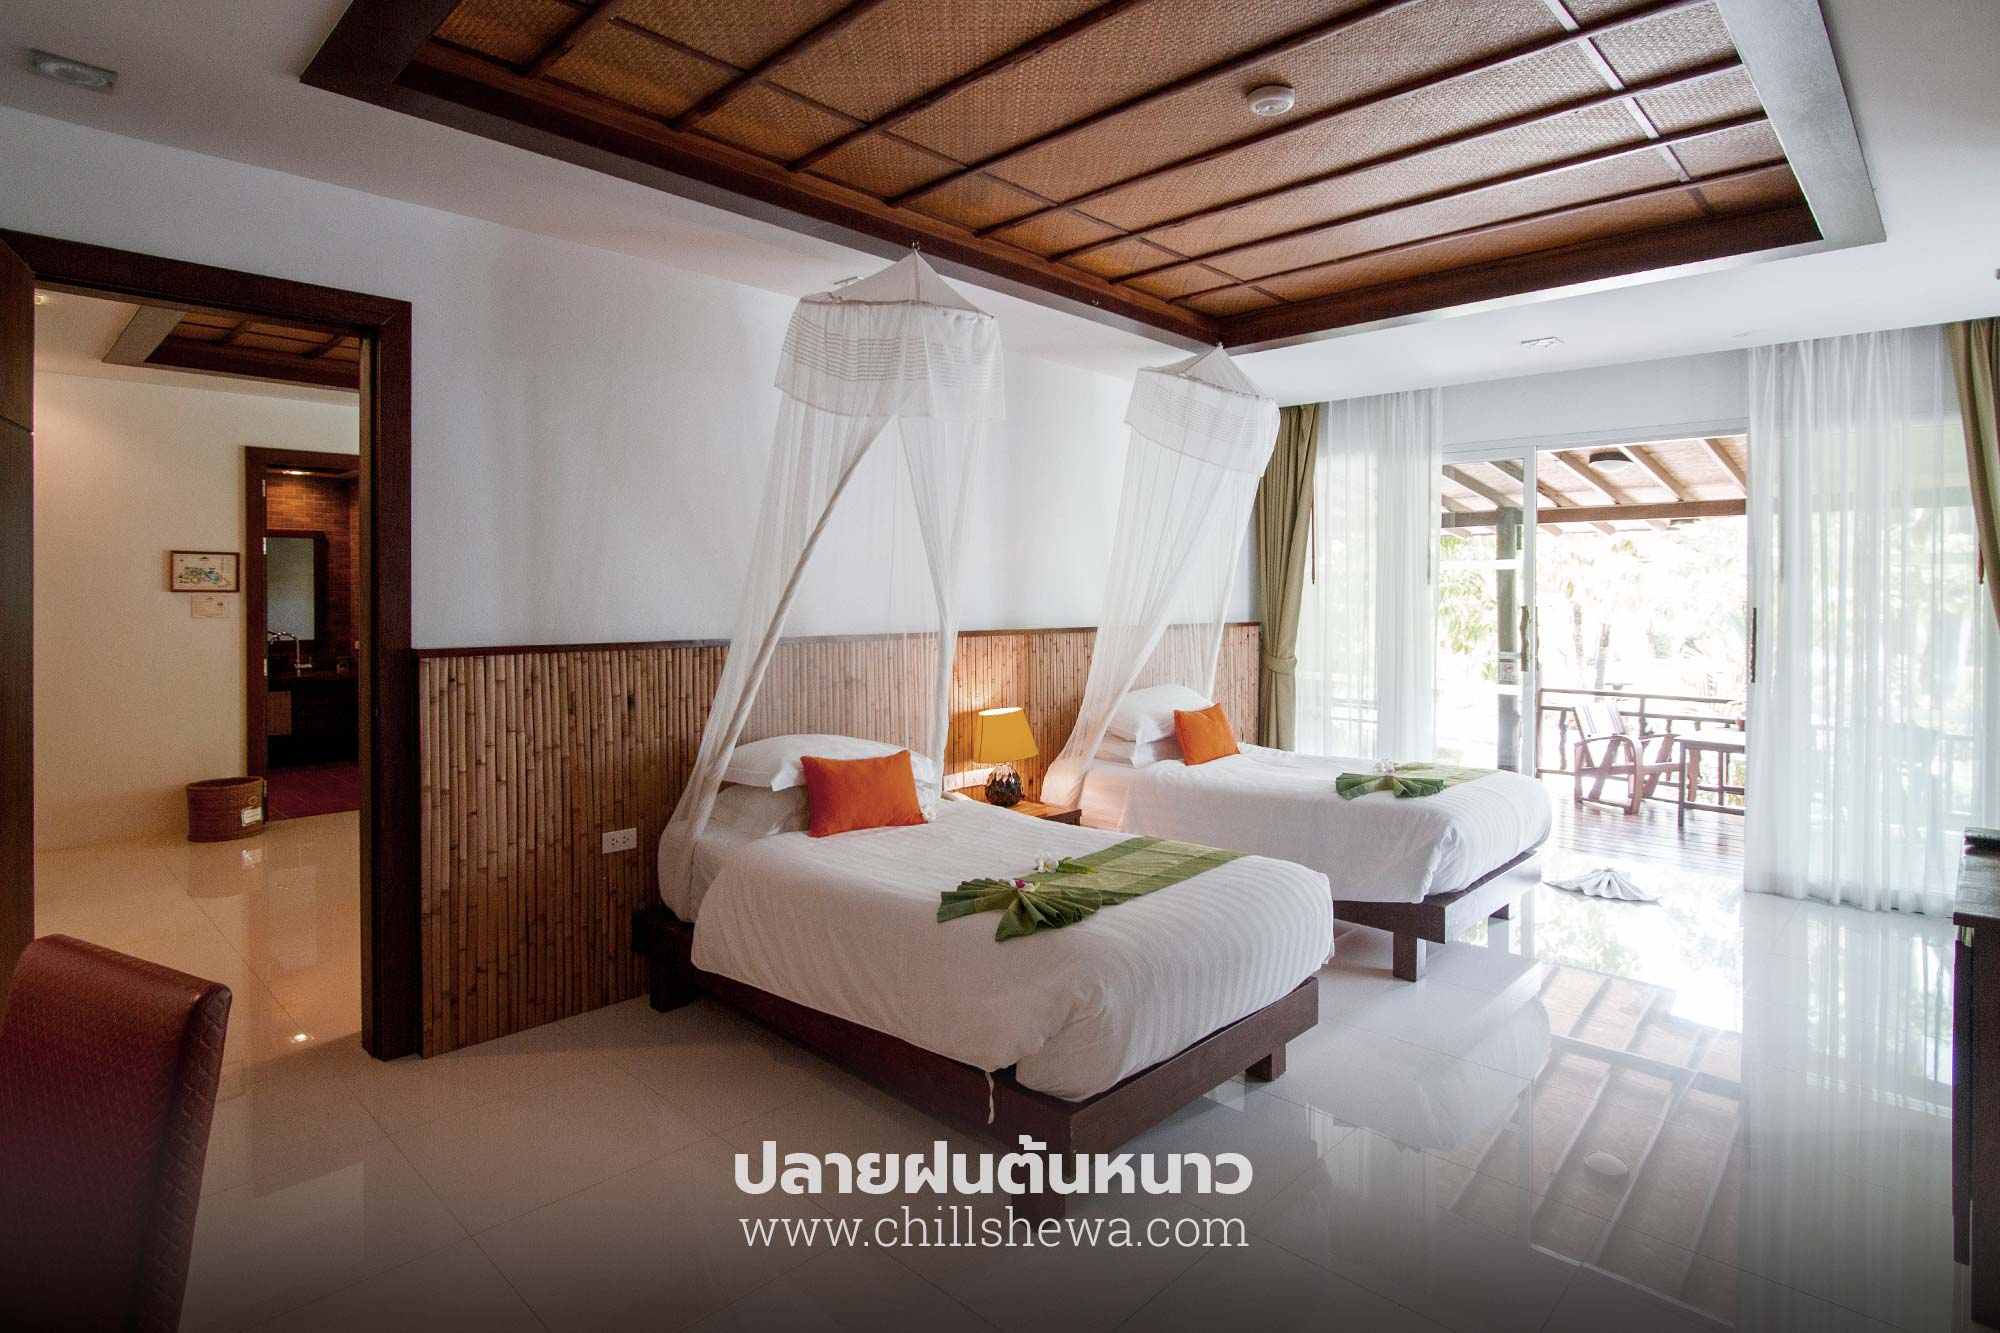 บ้านใสใน รีสอร์ท BAAN SAINAI RESORT  บ้านใสใน รีสอร์ท Ban Sainai Resort อ่าวนาง กระบี่                                                BAAN SAINAI RESORT 04